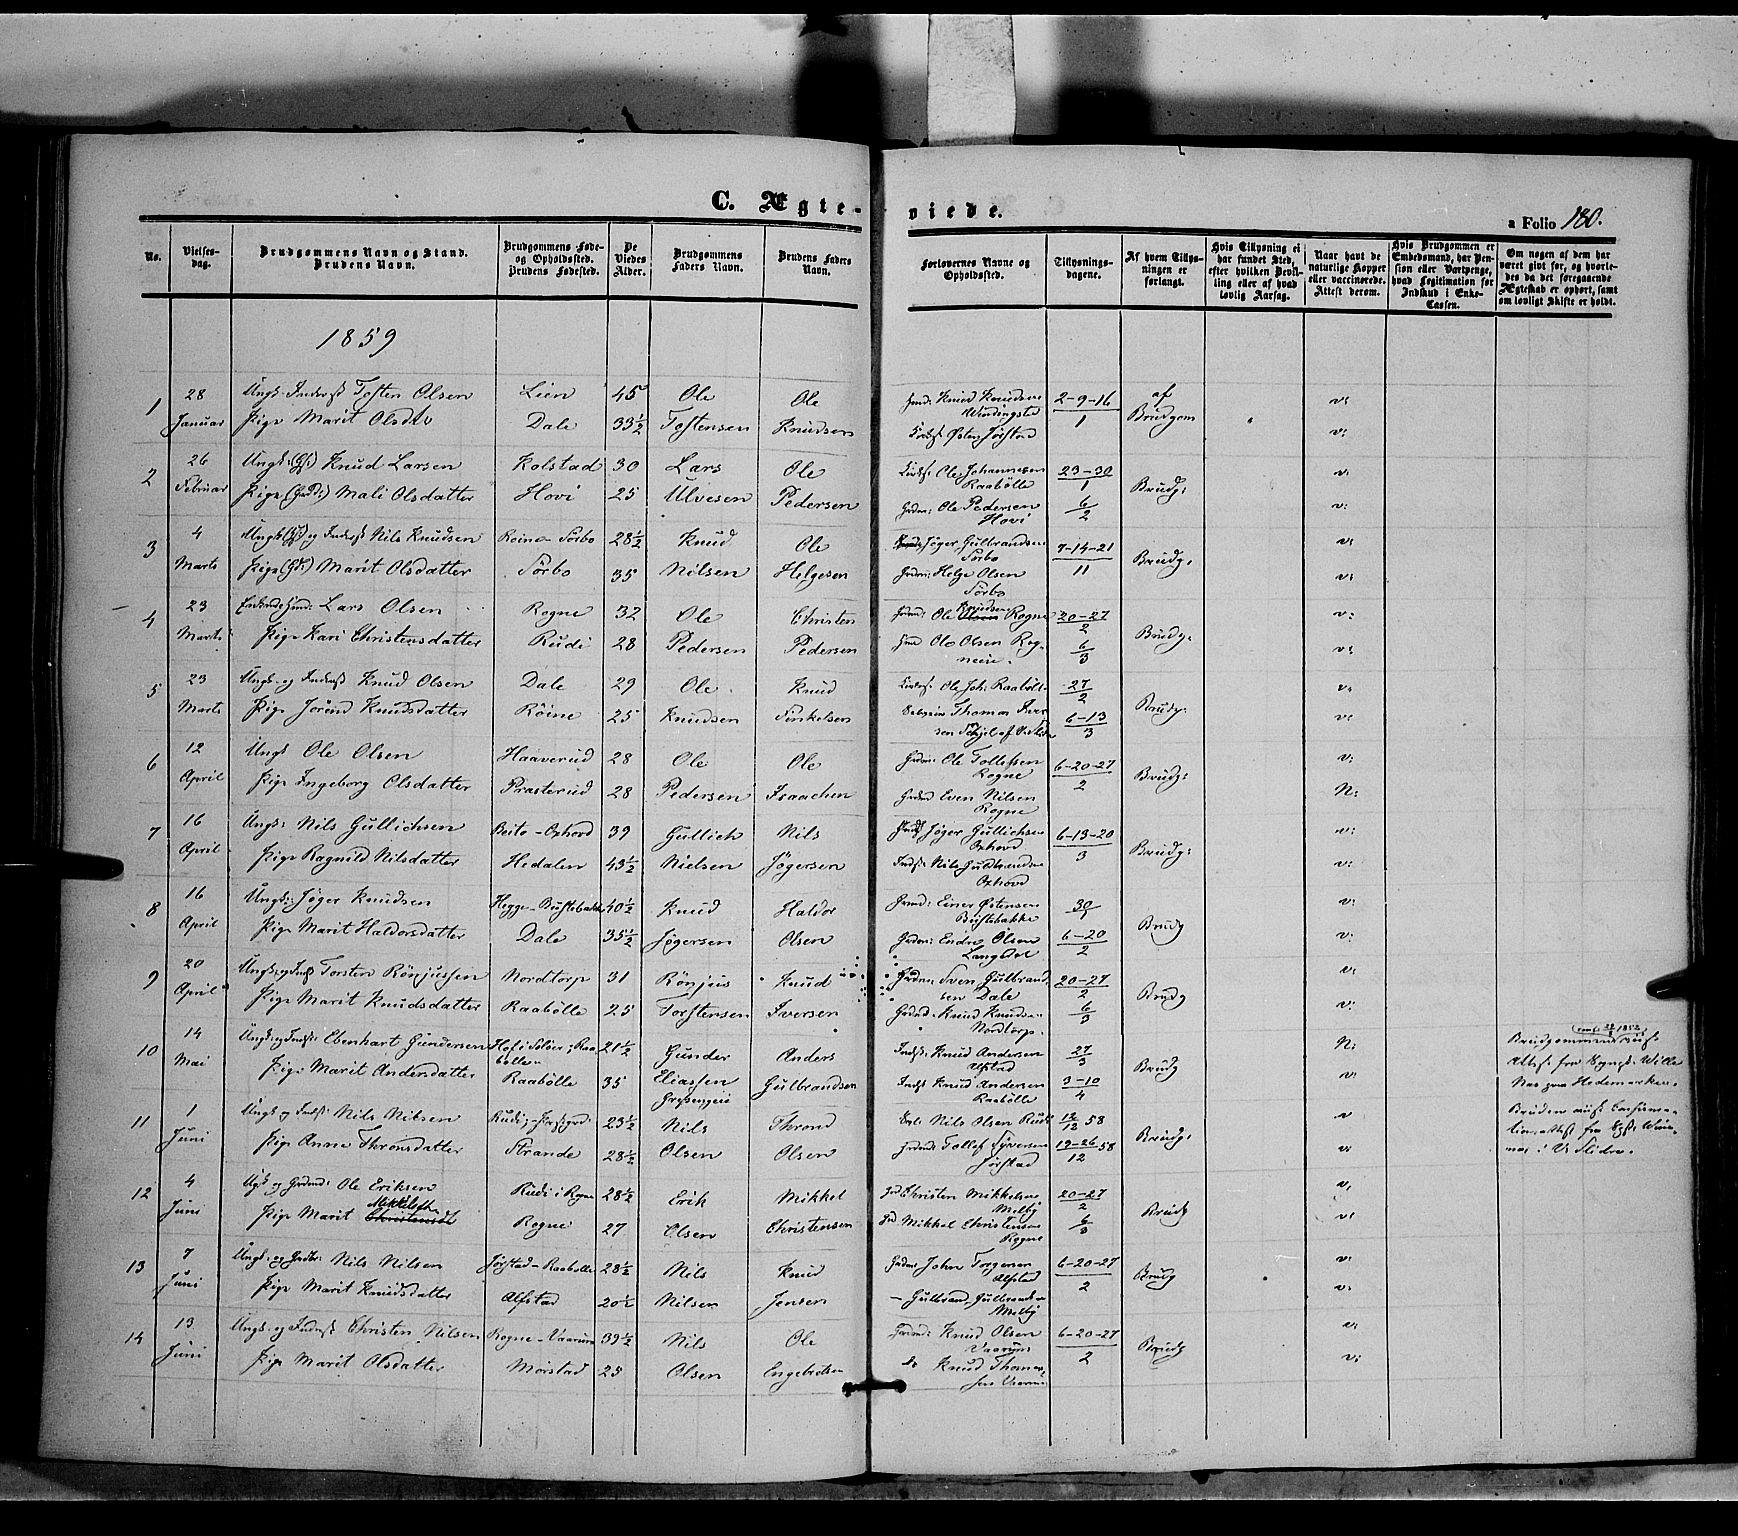 SAH, Øystre Slidre prestekontor, Ministerialbok nr. 1, 1849-1874, s. 180